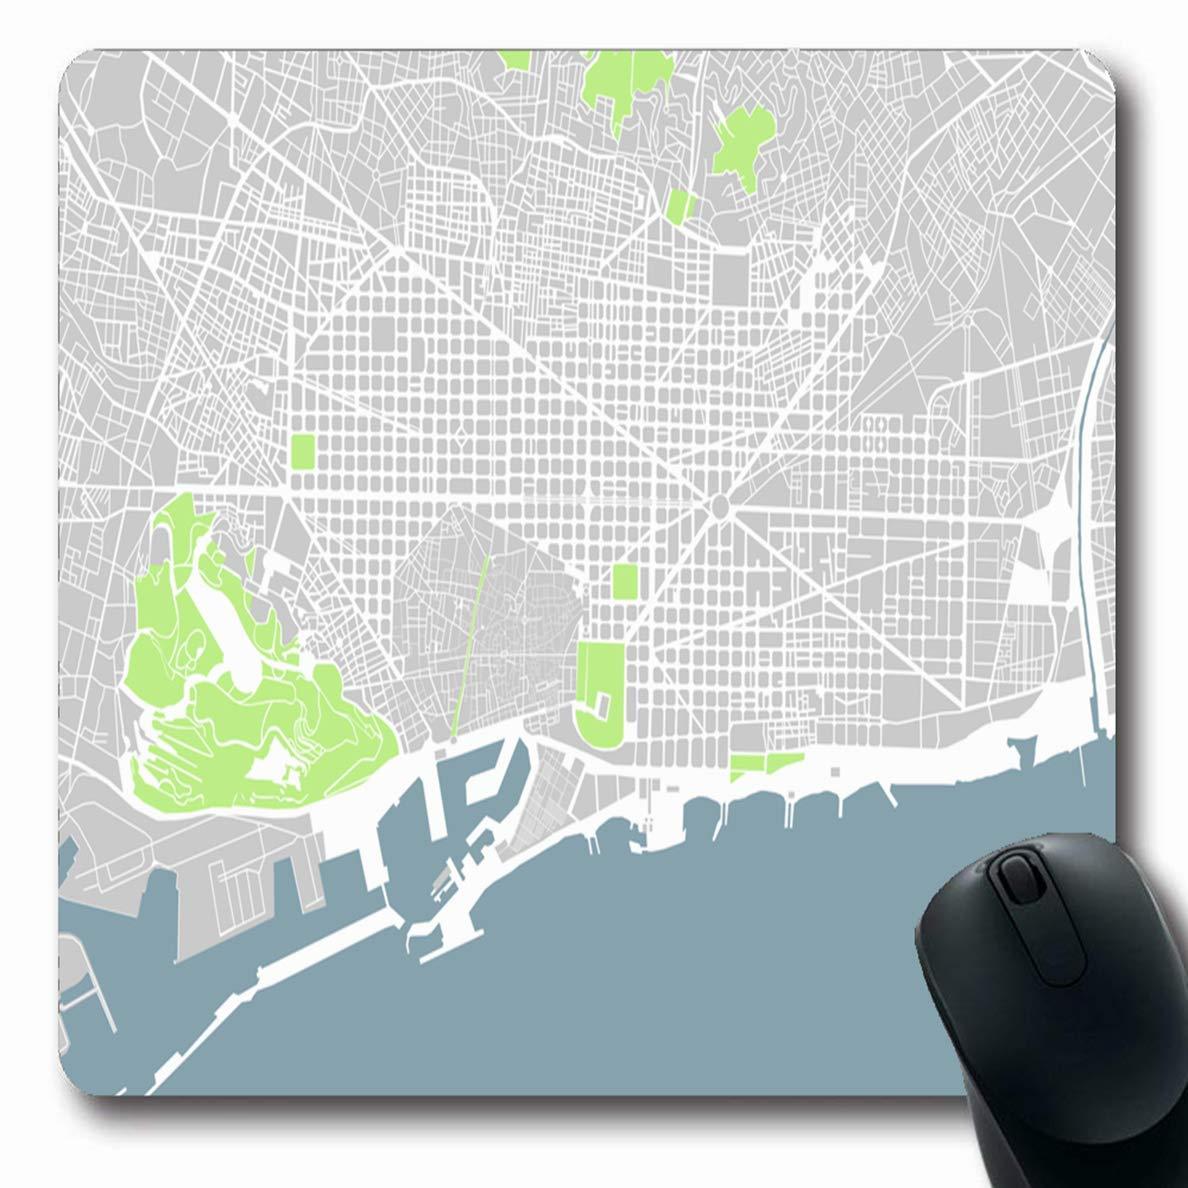 Luancrop Alfombrillas para computadoras Centro Gris Mapa de Carreteras Ciudad Barcelona España Geografía Resumen Verde Cartografía Cataluña Cerda Diseño Antideslizante Oblong Gaming Mouse Pad: Amazon.es: Electrónica